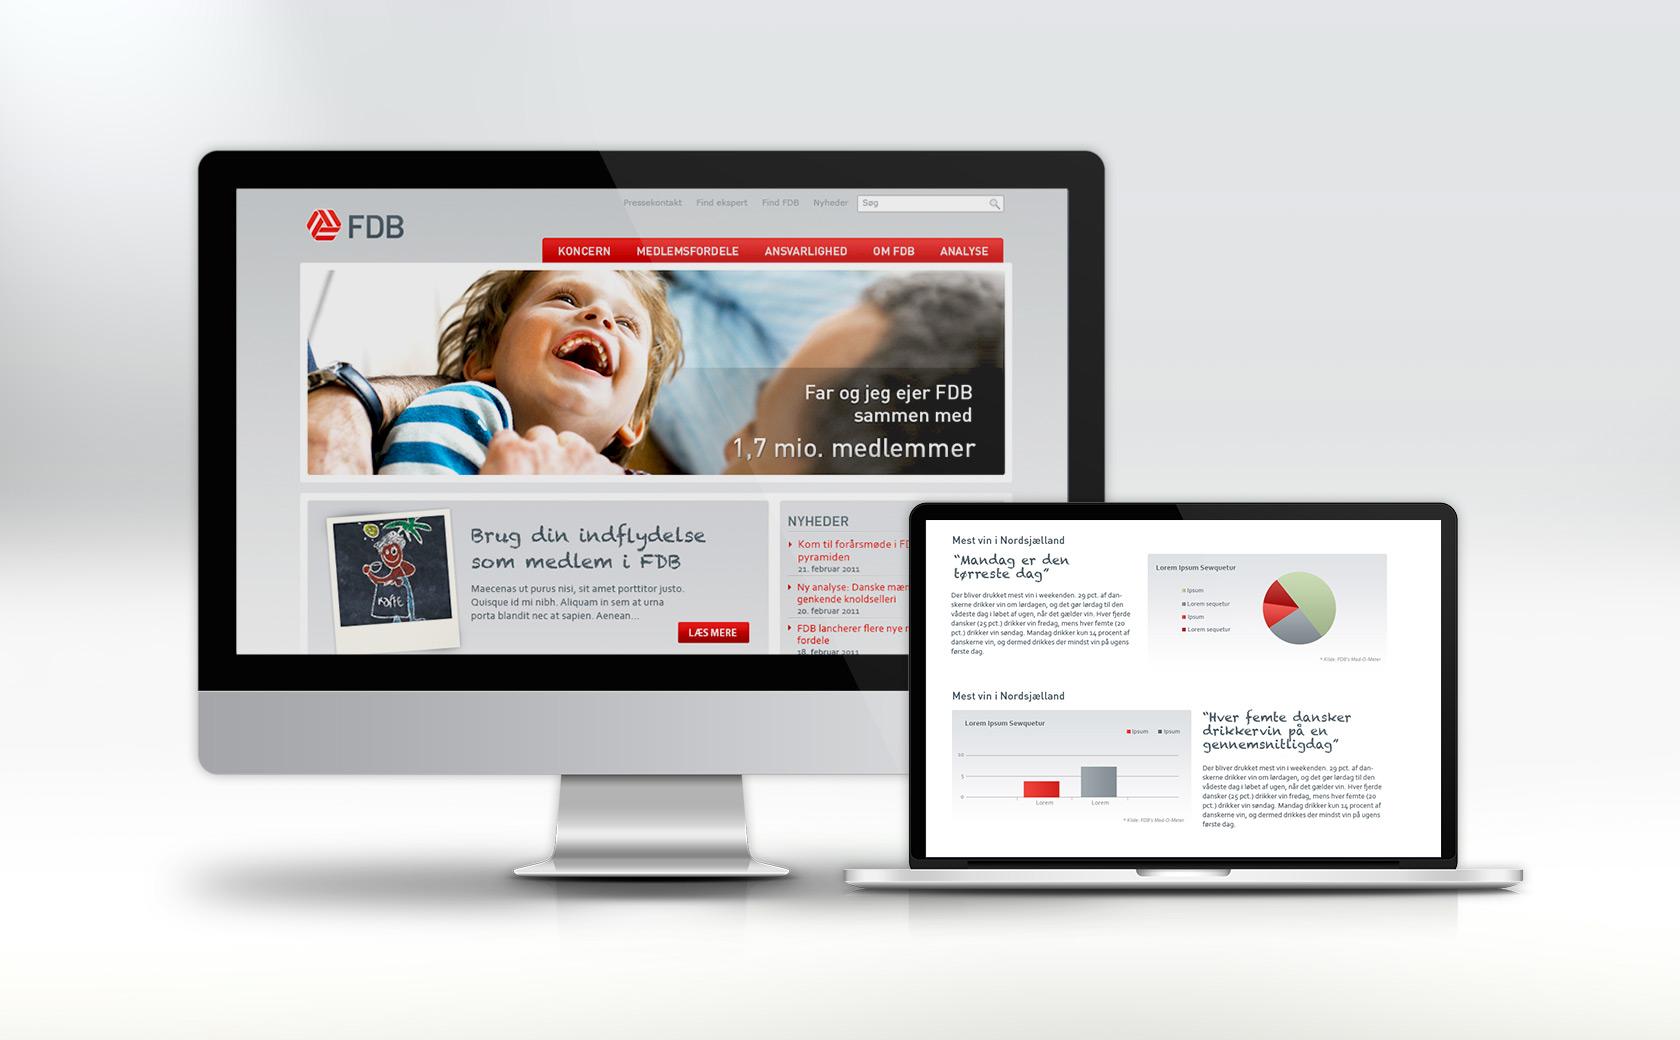 FDB website